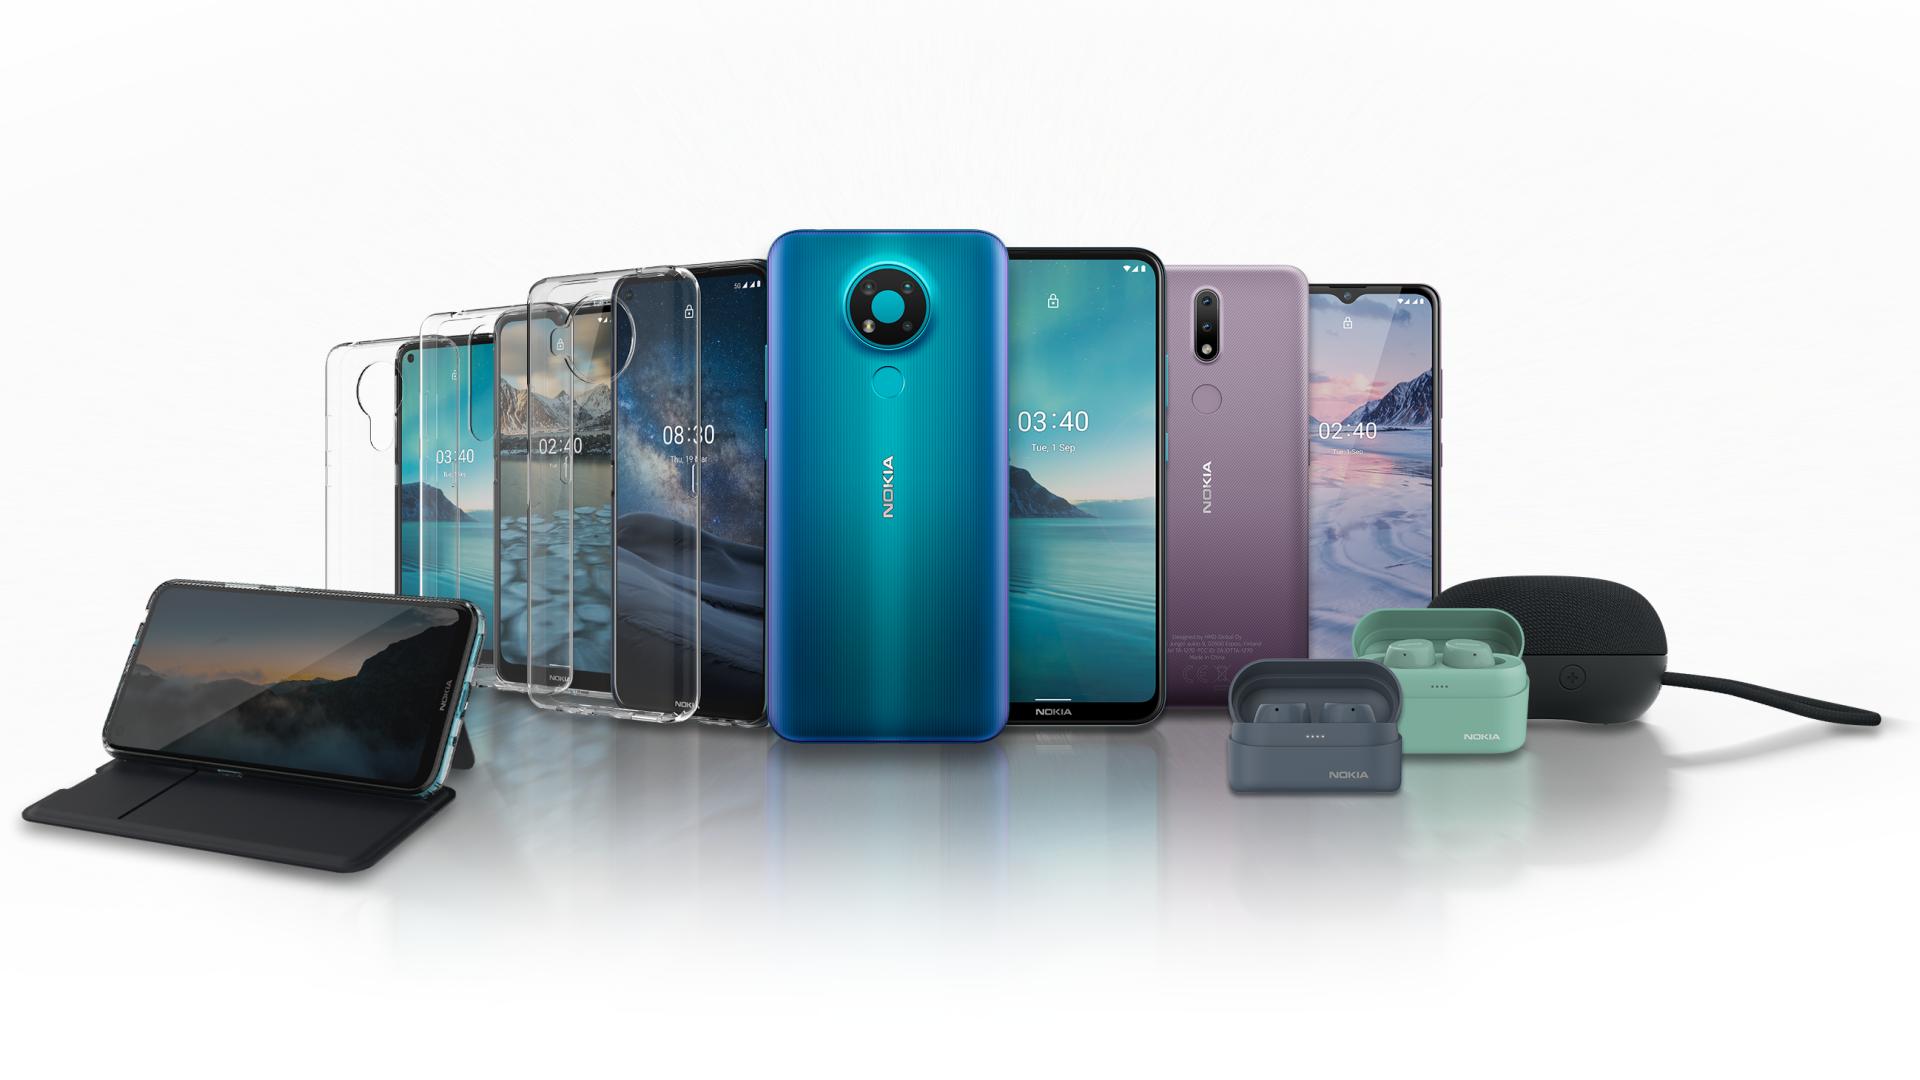 HMD Global lanceert nieuwe Nokia smartphones en accessoirelijn en onthult HMD Connect Pro voor bedrijven